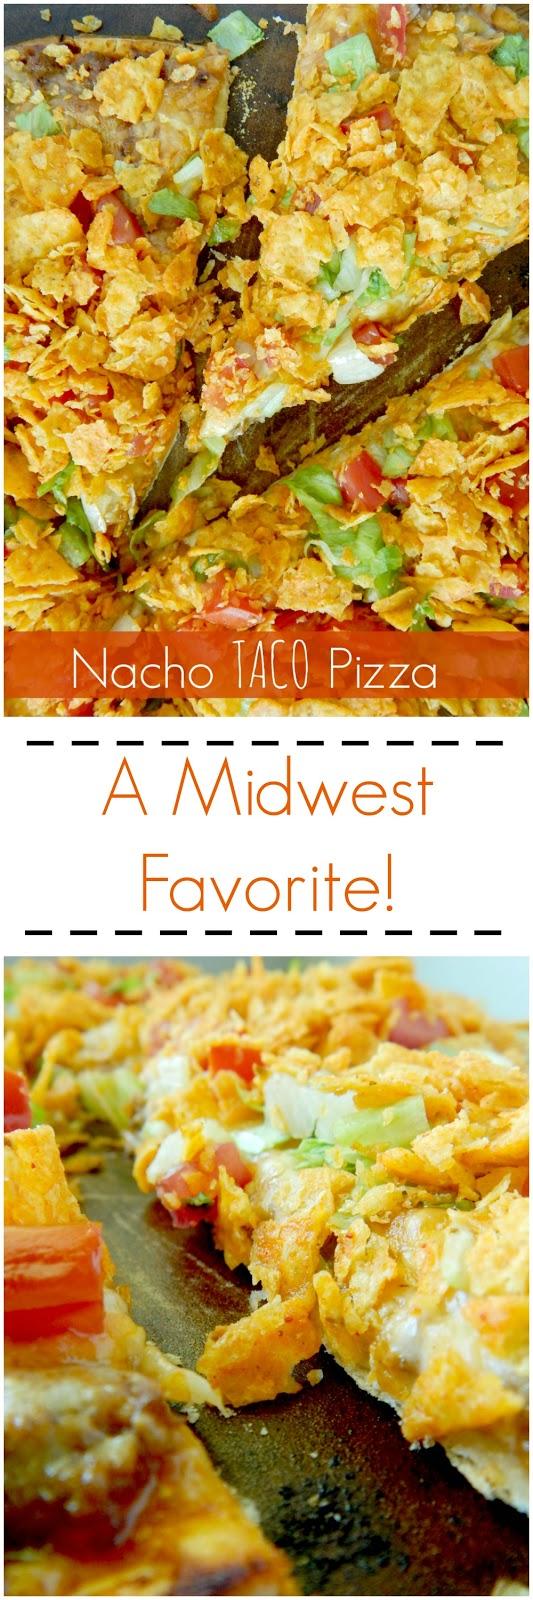 nacho taco pizza (sweetandsavoryfood.com)